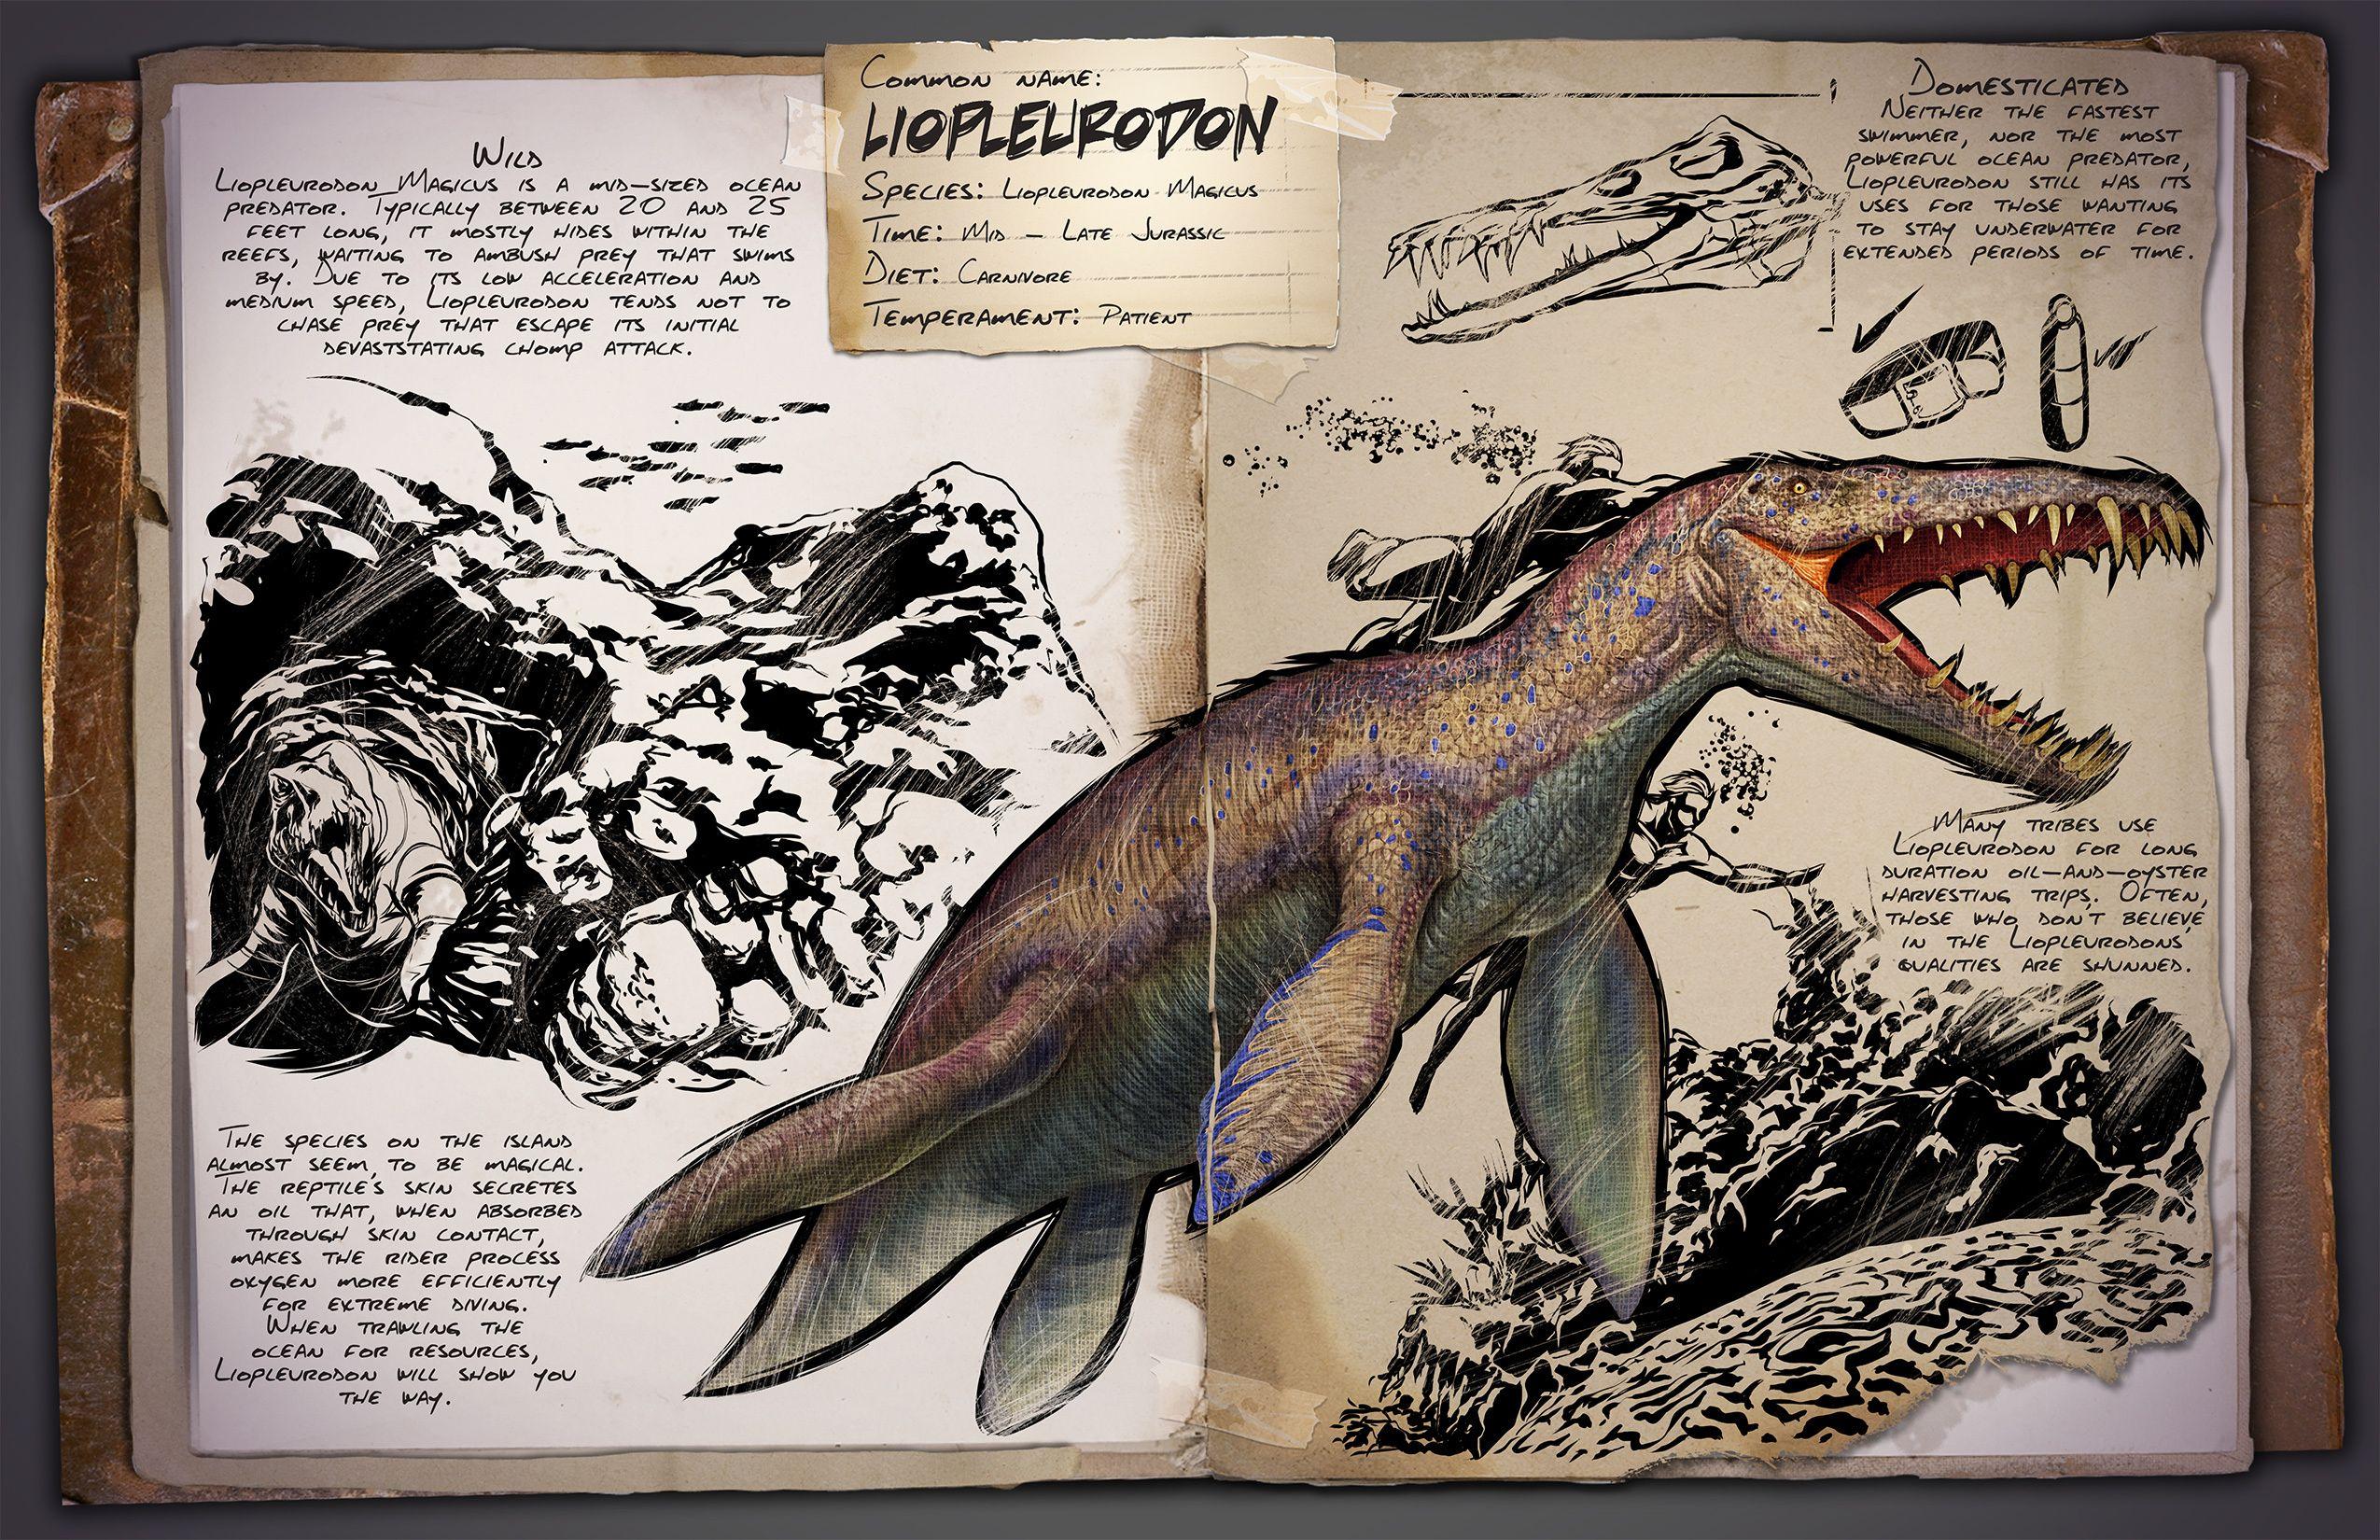 христово картинки досье динозавров из арк вдруг